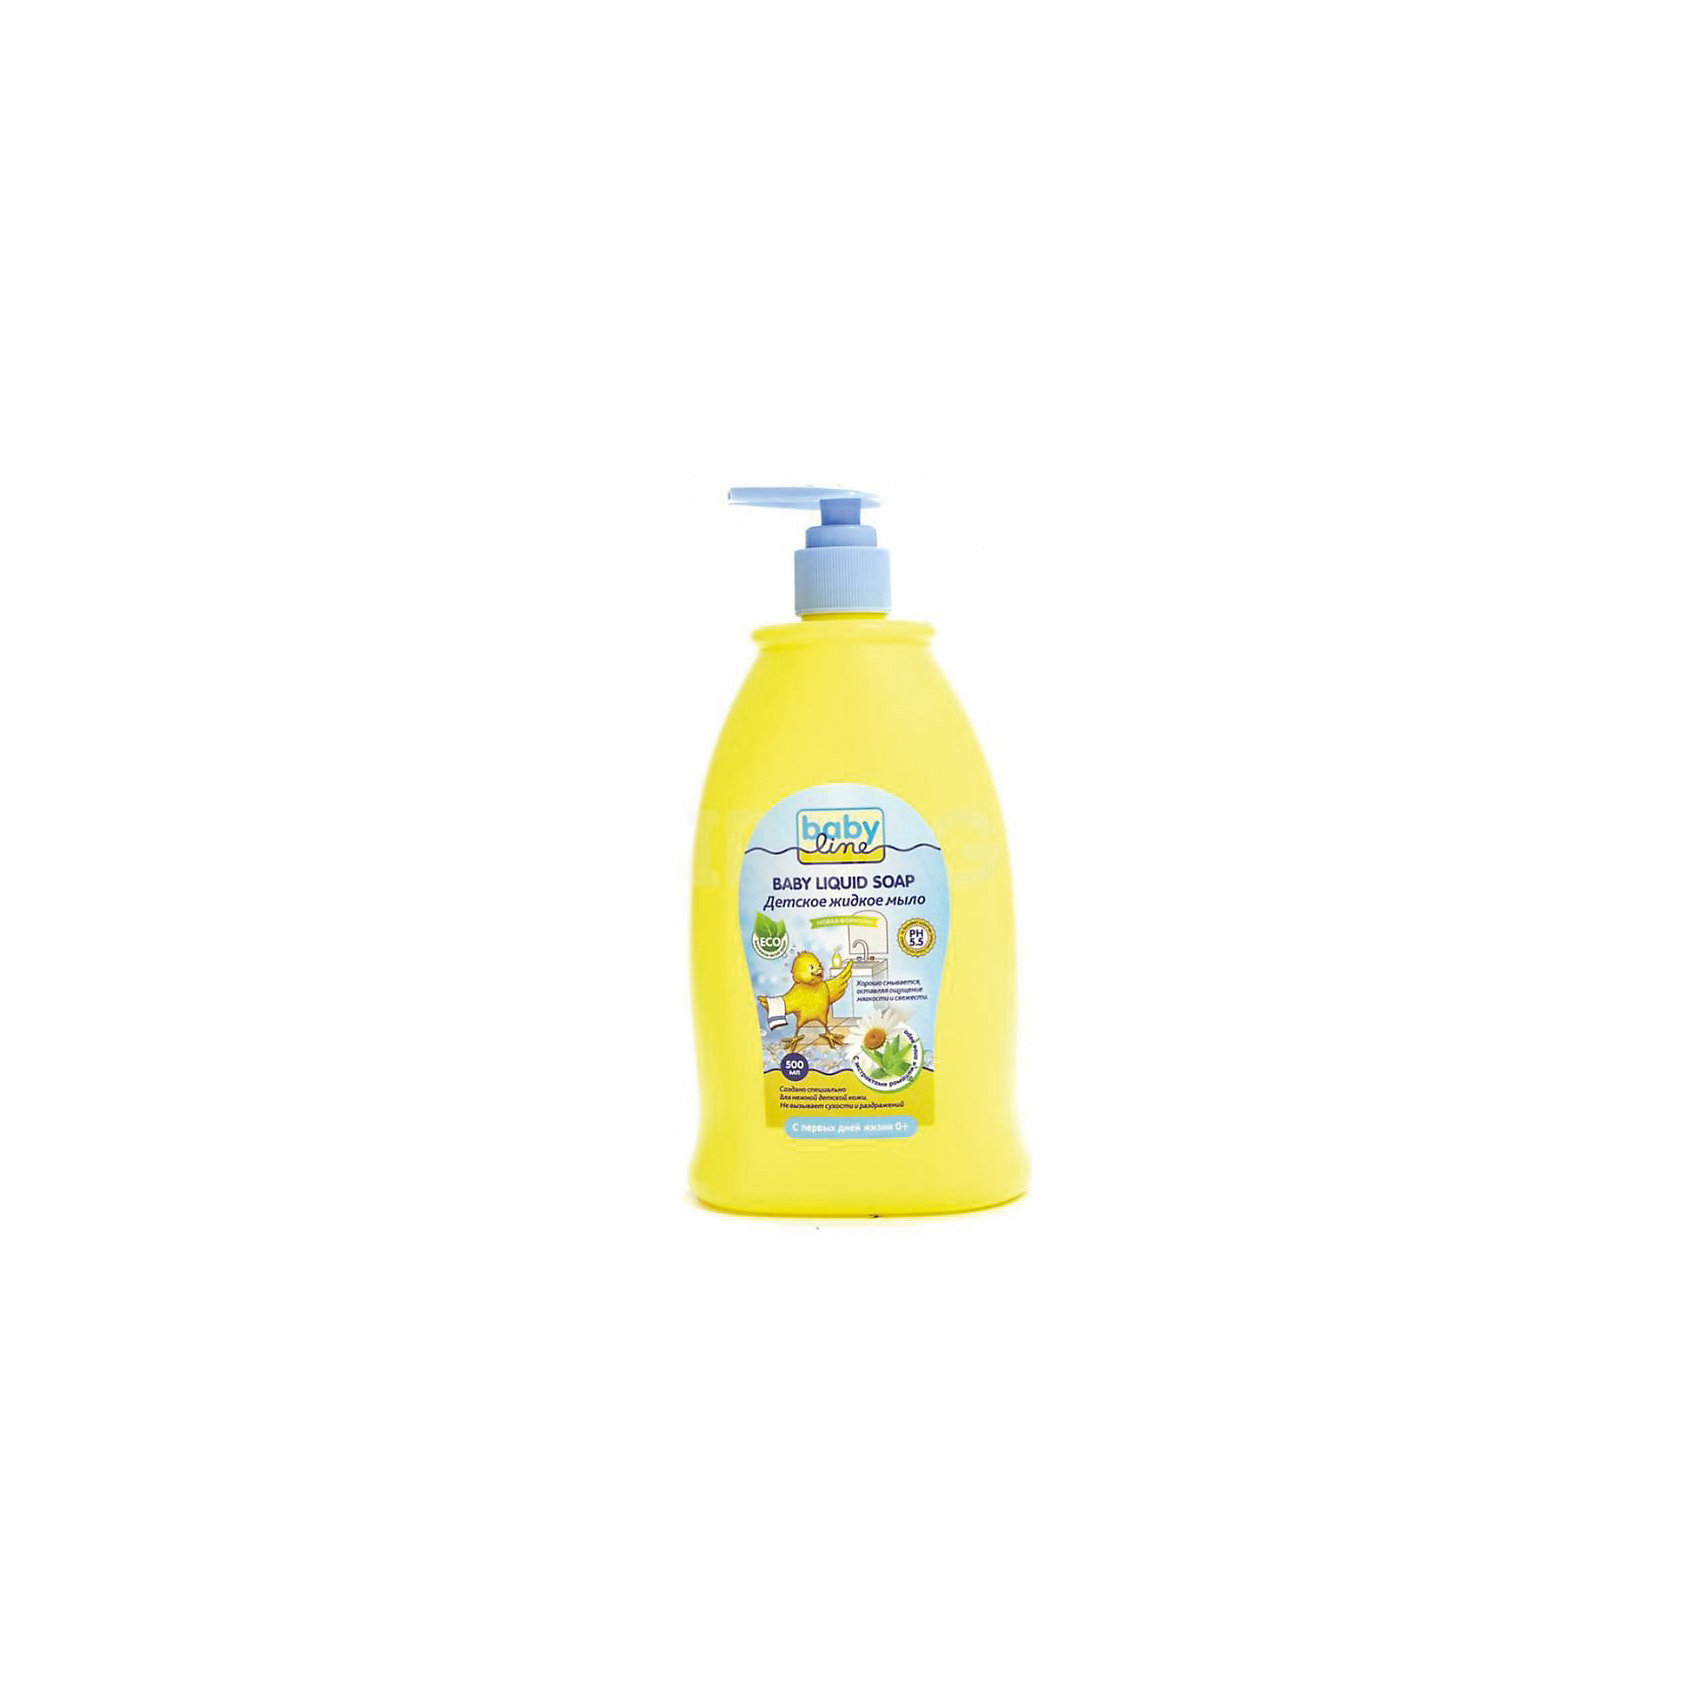 Детское жидкое мыло 500 мл. с дозатором, BABYLINEДетское мыло BabyLine(Бэби Лайн) с экстрактами ромашки и алоэ бережно очистит и увлажнит кожу малыша. Мыло изготовлено из натуральных компонентов и не вызывает сухости и аллергии. Подходит с рождения для ежедневного использования.<br><br>Дополнительная информация:<br>Объем: 500 мл<br>Возраст: с рождения<br>Состав:  очищенная вода, содиум лаурил полиоксителен, имидазолин, аминокислотный увлажняющий компонент, лаурилсаркозинат натрия, экстракт ромашки, эктракт алоэ, хлорид натрия, лимонная кислота, парфюмерная композиция<br><br>Детское жидкое мыло с дозатором BabyLine(Бэби Лайн) можно приобрести в нашем интернет-магазине.<br><br>Ширина мм: 93<br>Глубина мм: 56<br>Высота мм: 195<br>Вес г: 620<br>Возраст от месяцев: 0<br>Возраст до месяцев: 36<br>Пол: Унисекс<br>Возраст: Детский<br>SKU: 5007645